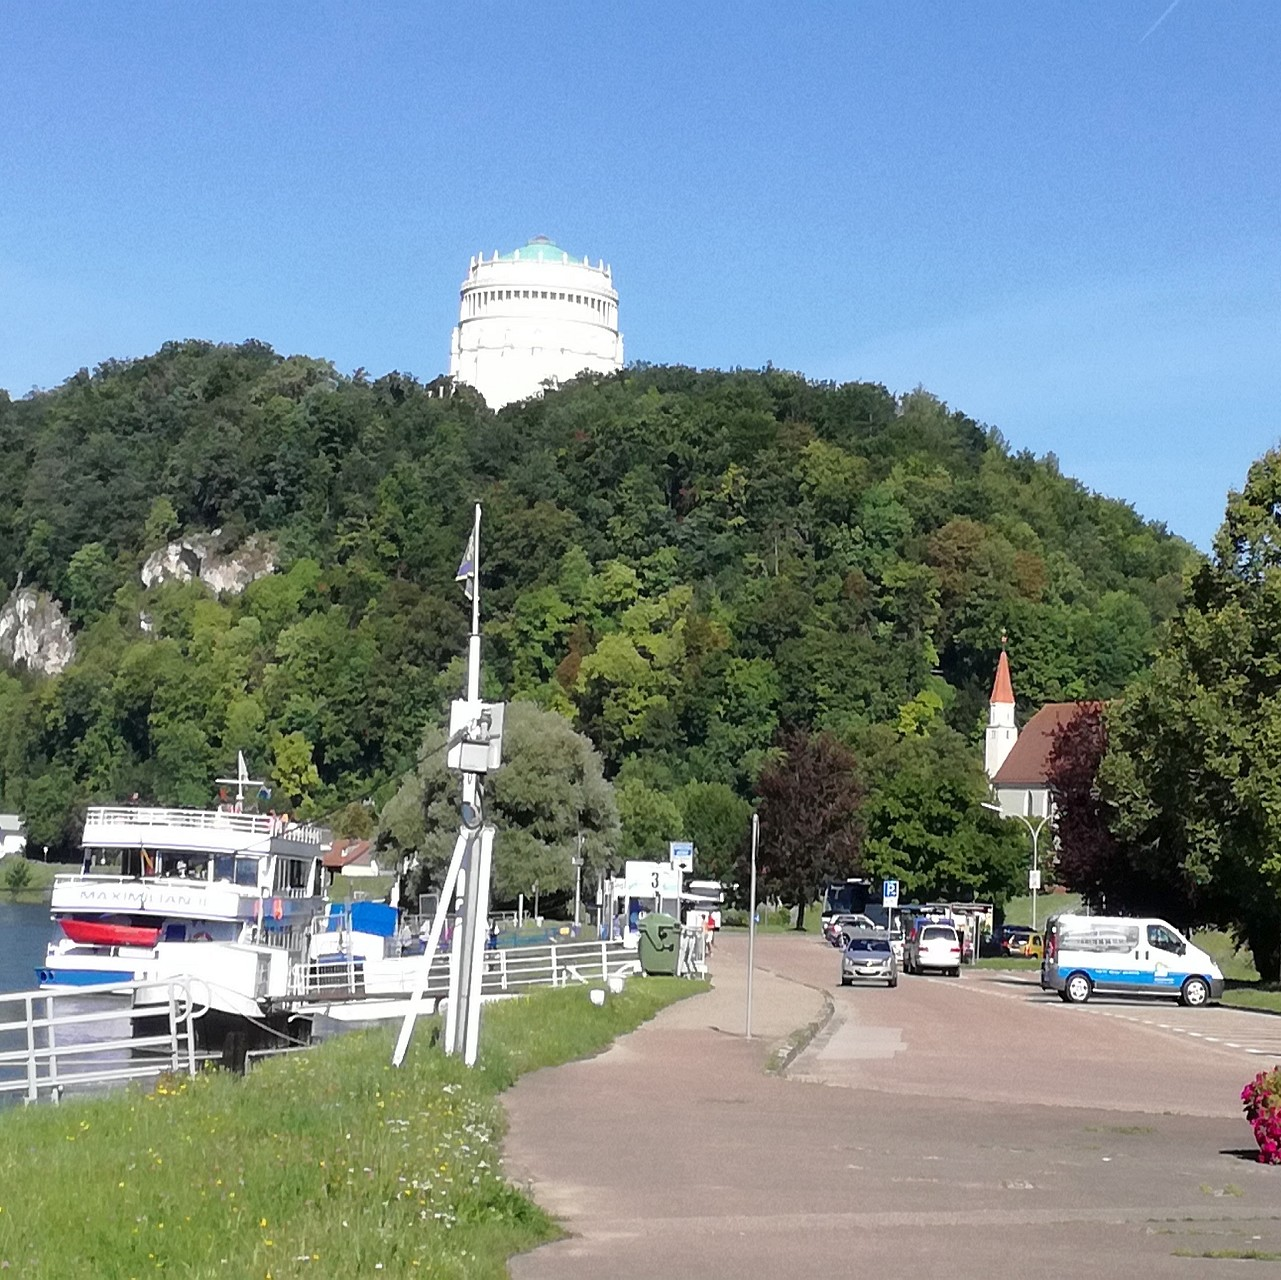 Schiffsanlegestelle Donau in Kelheim